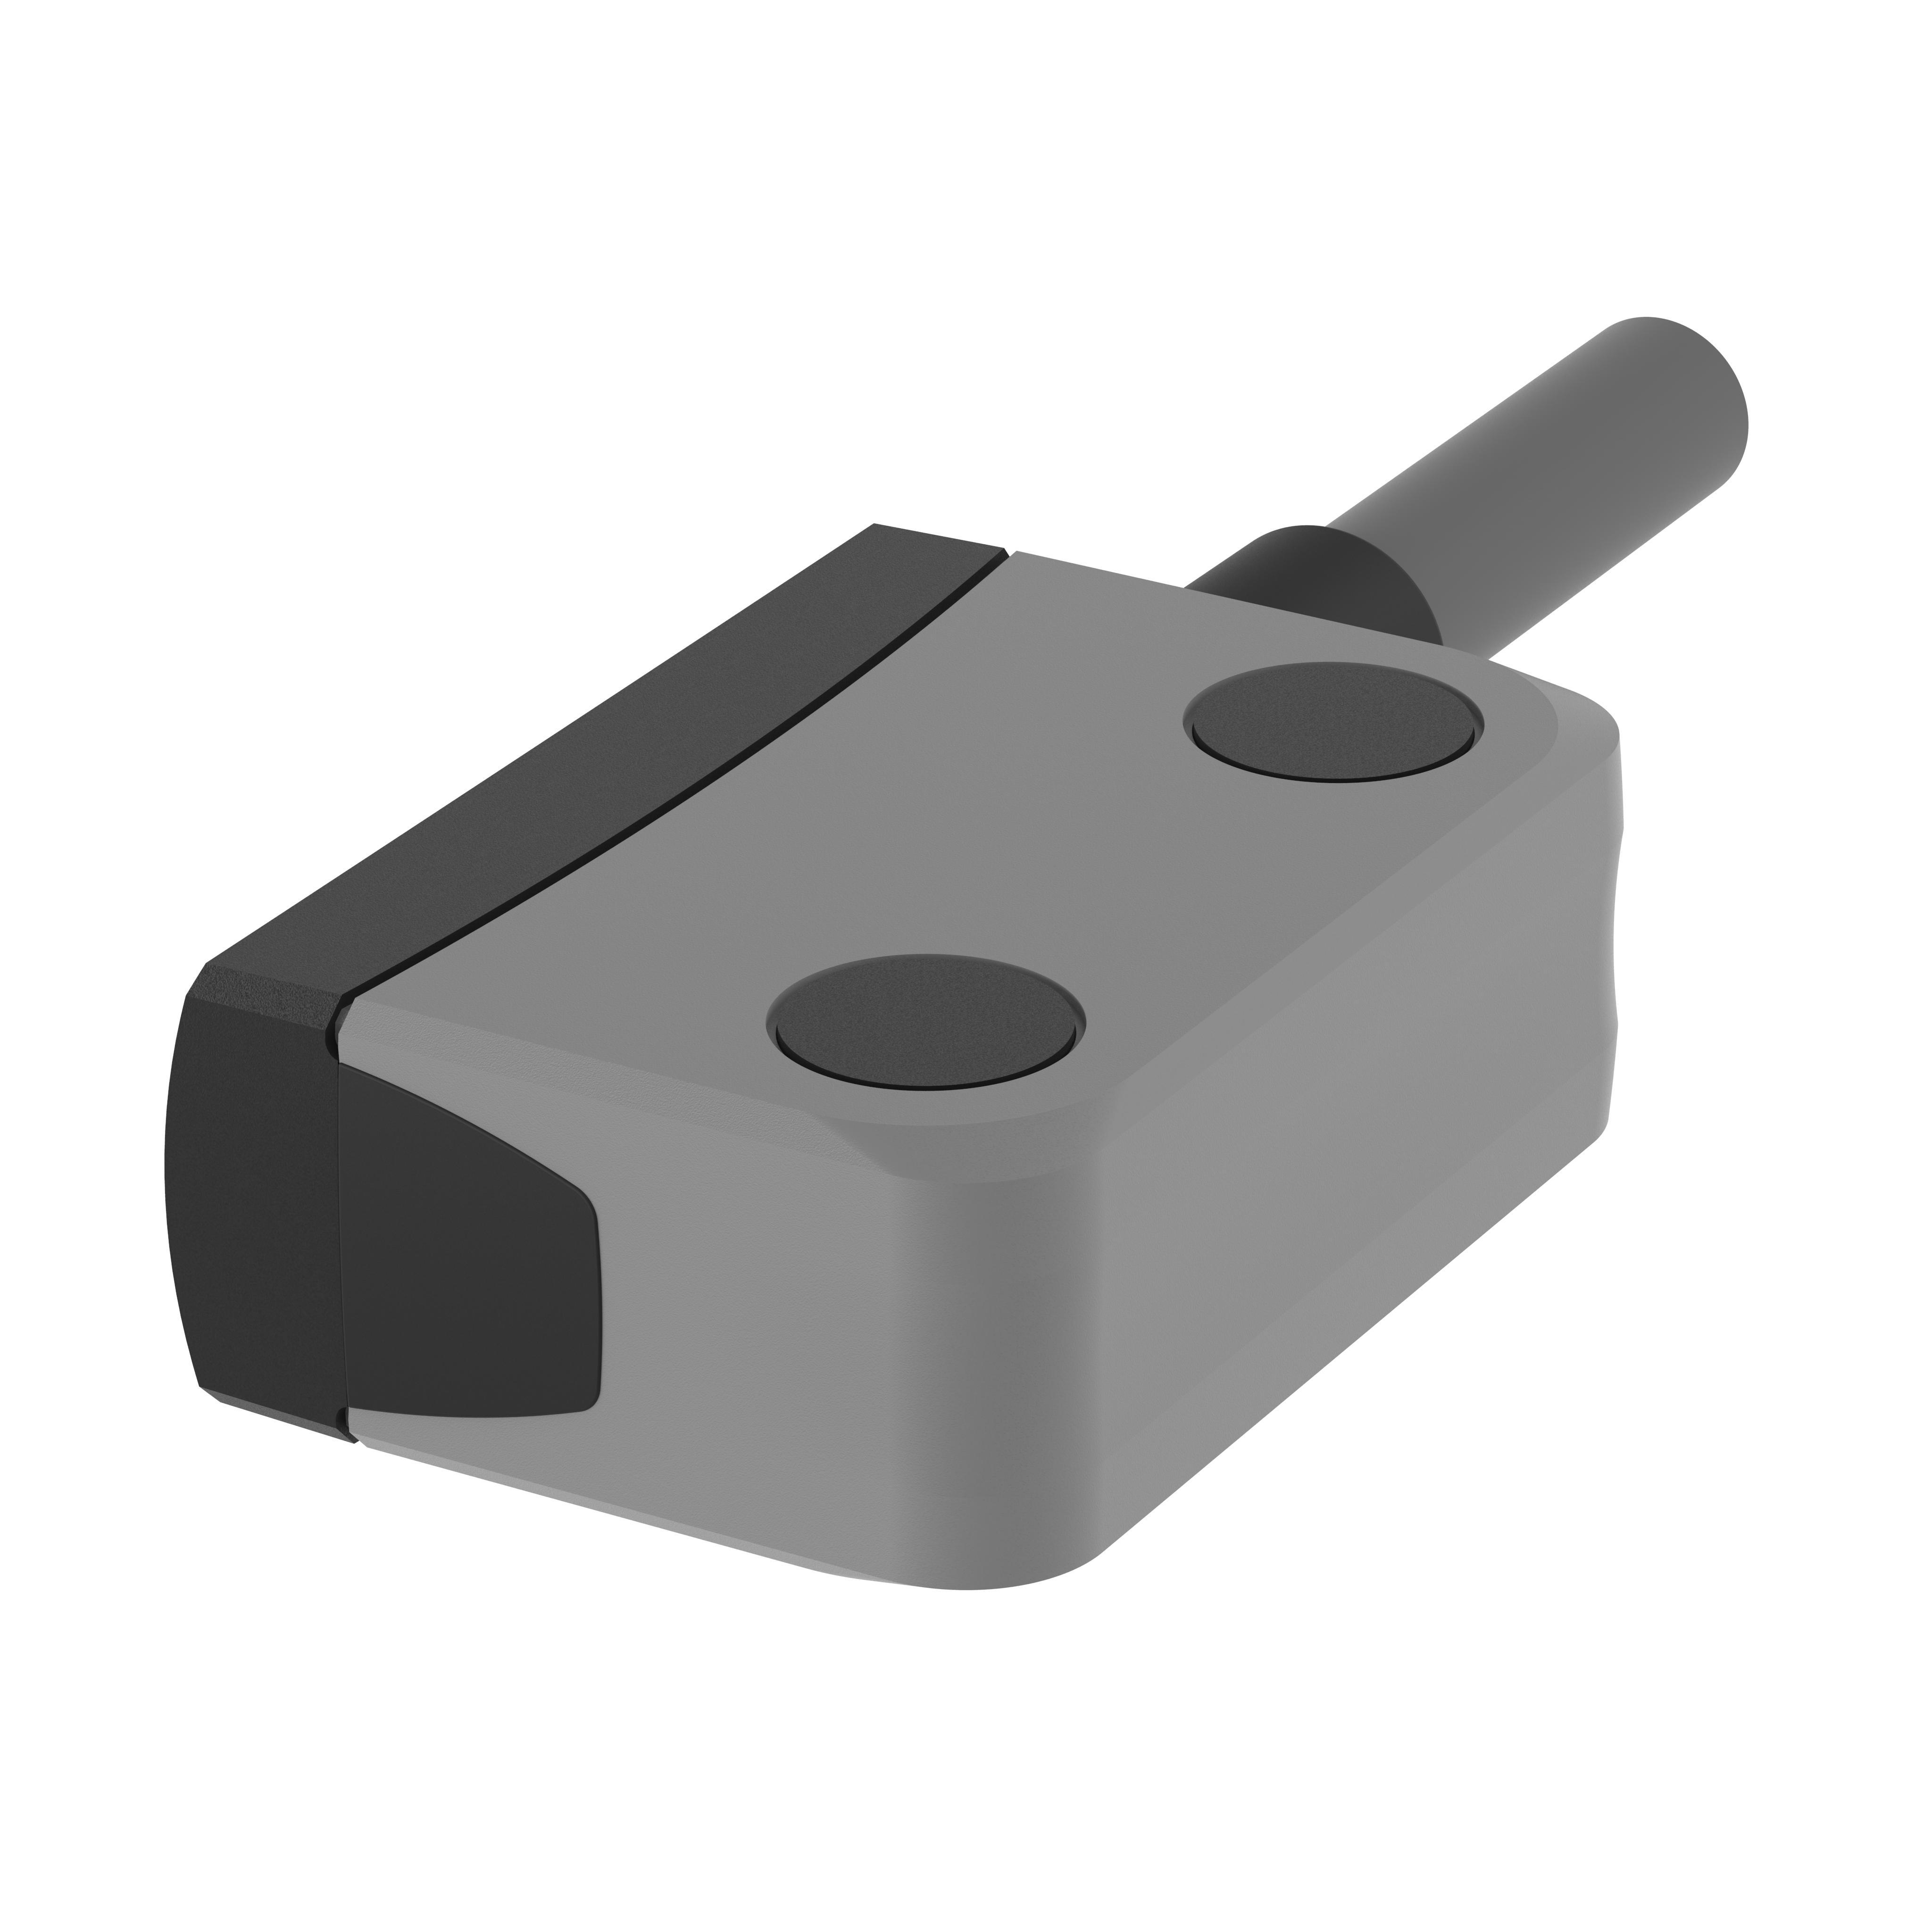 Sicherheitssensor eloProtect M - 153MSK00K1A-5 - magnetisch betätigt - Schließer/Schließer, 5m Kabel